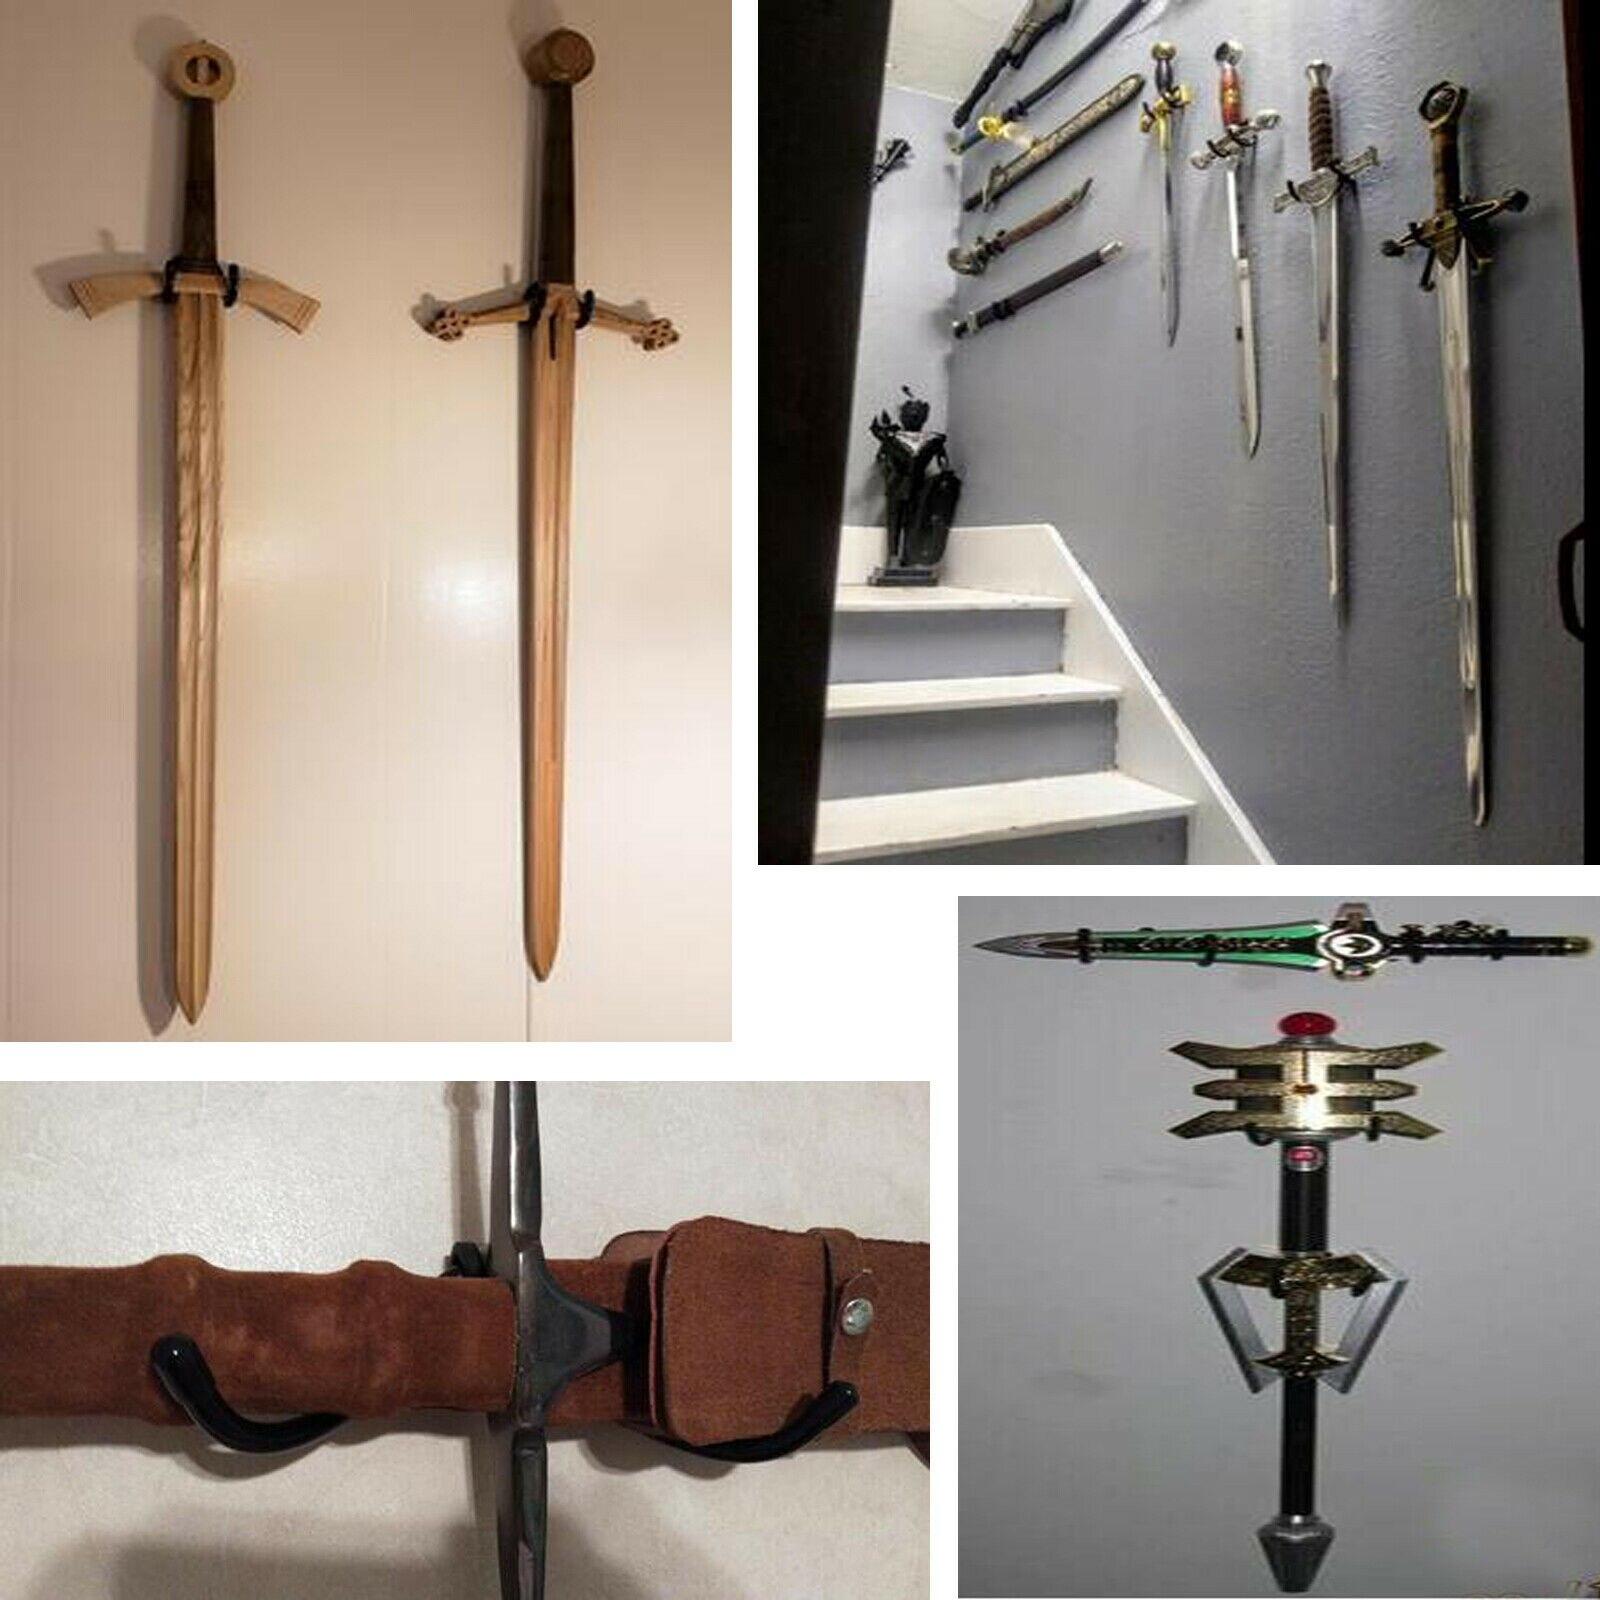 4x display cases deluxe adjustable metal sword wall mount bracket sword stand